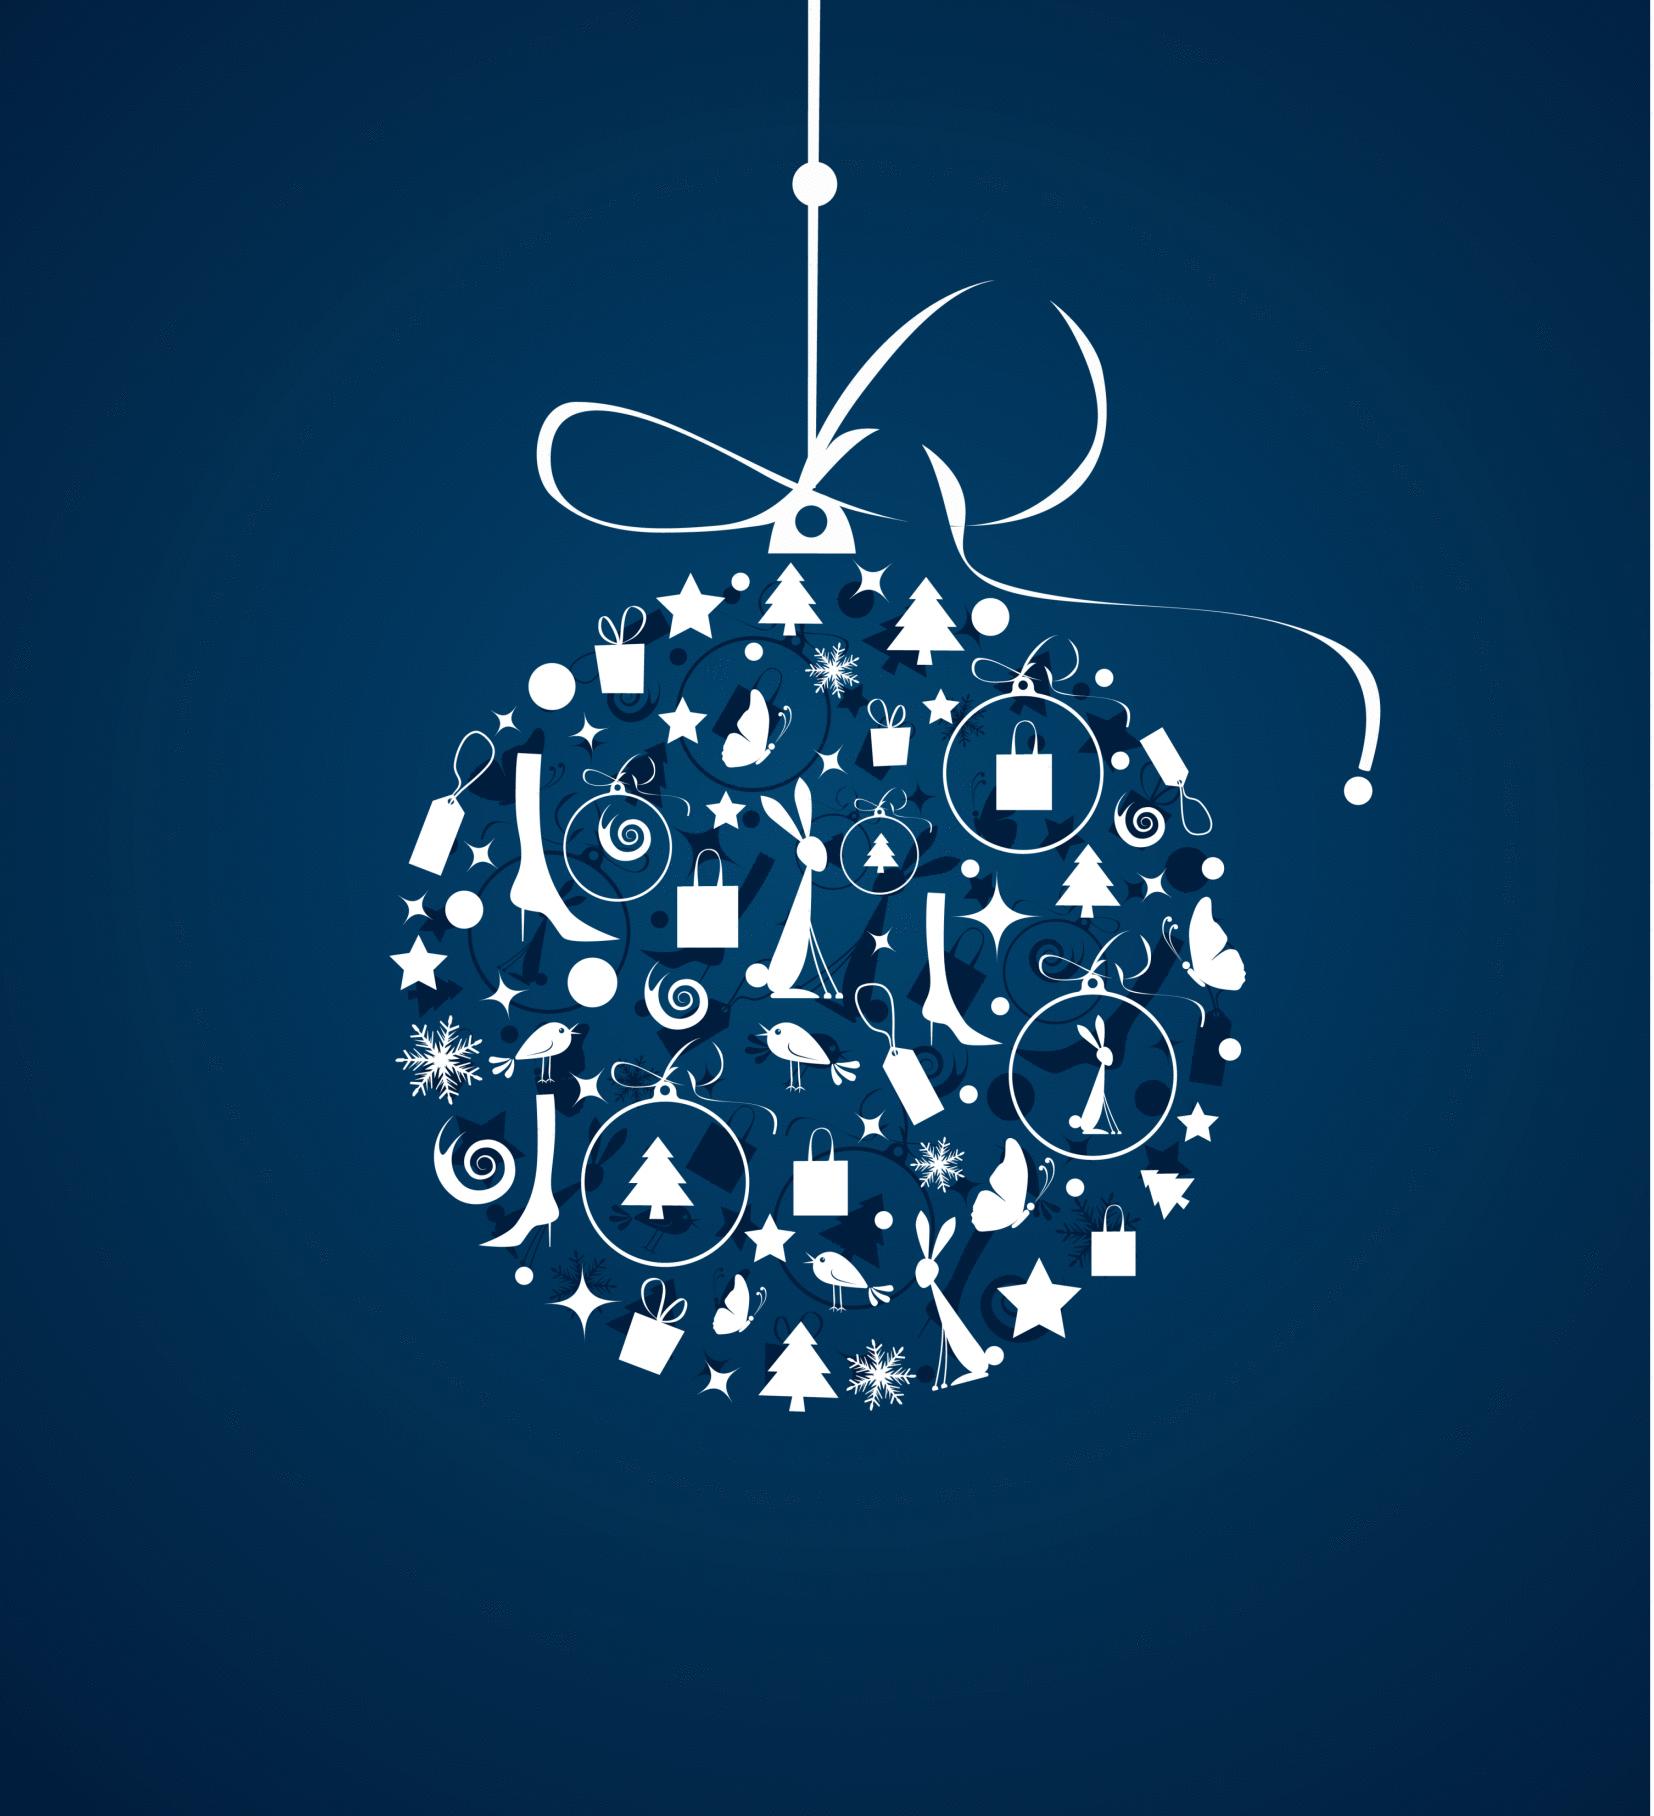 ¡Feliz navidad innovadora!